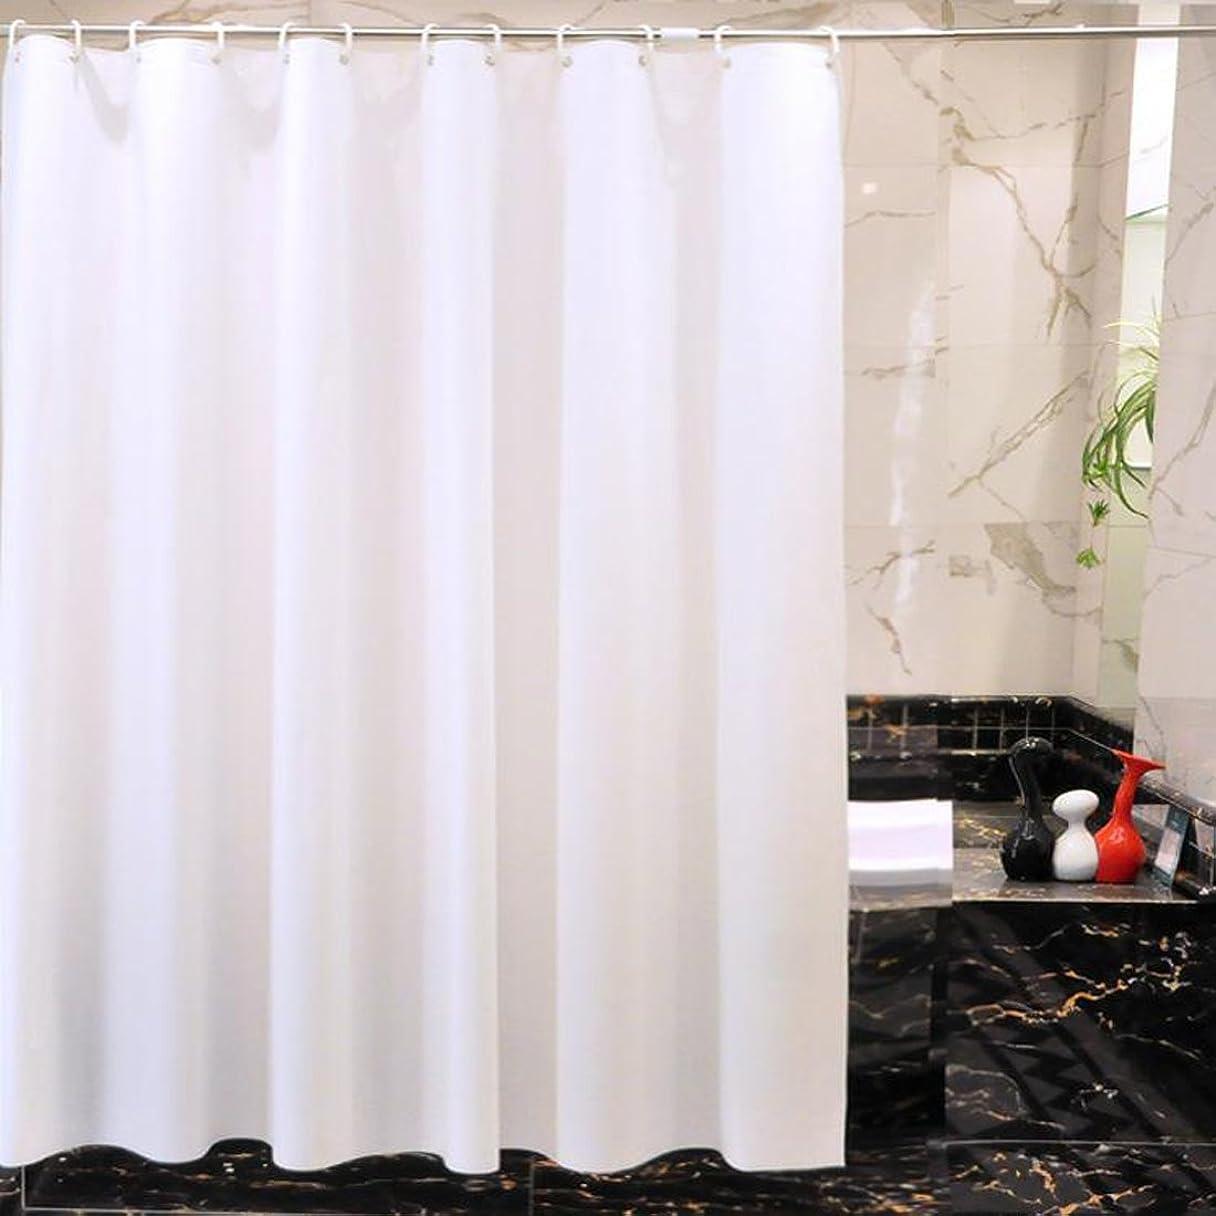 尋ねるどっちとは異なりシャワーカーテン おしゃれ バスルーム カーテン 防水防カビ 無臭 バスカーテン 180x180cm 12個フック付き 浴室 洗面所 目隠し用 間仕切り